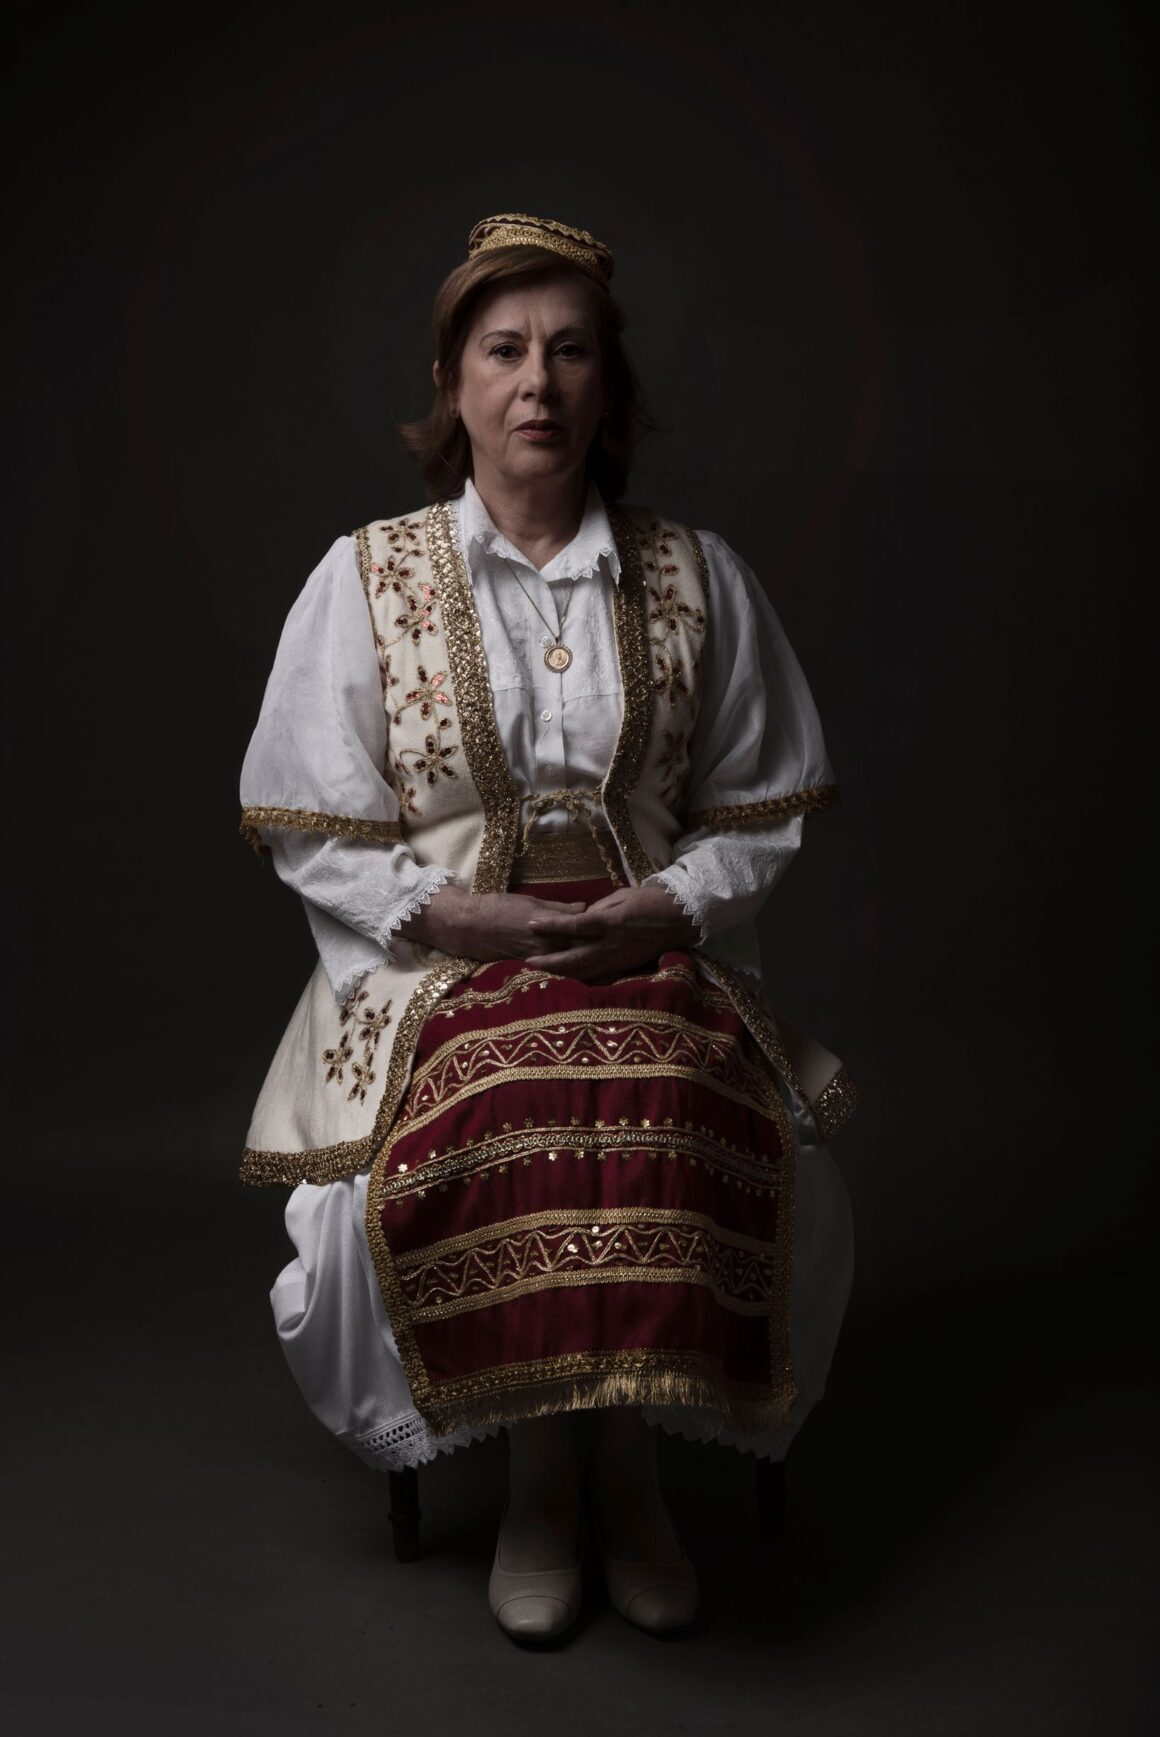 'Η Χώρα που ποτέ δεν πεθαίνεις της Ornela Vorpsi